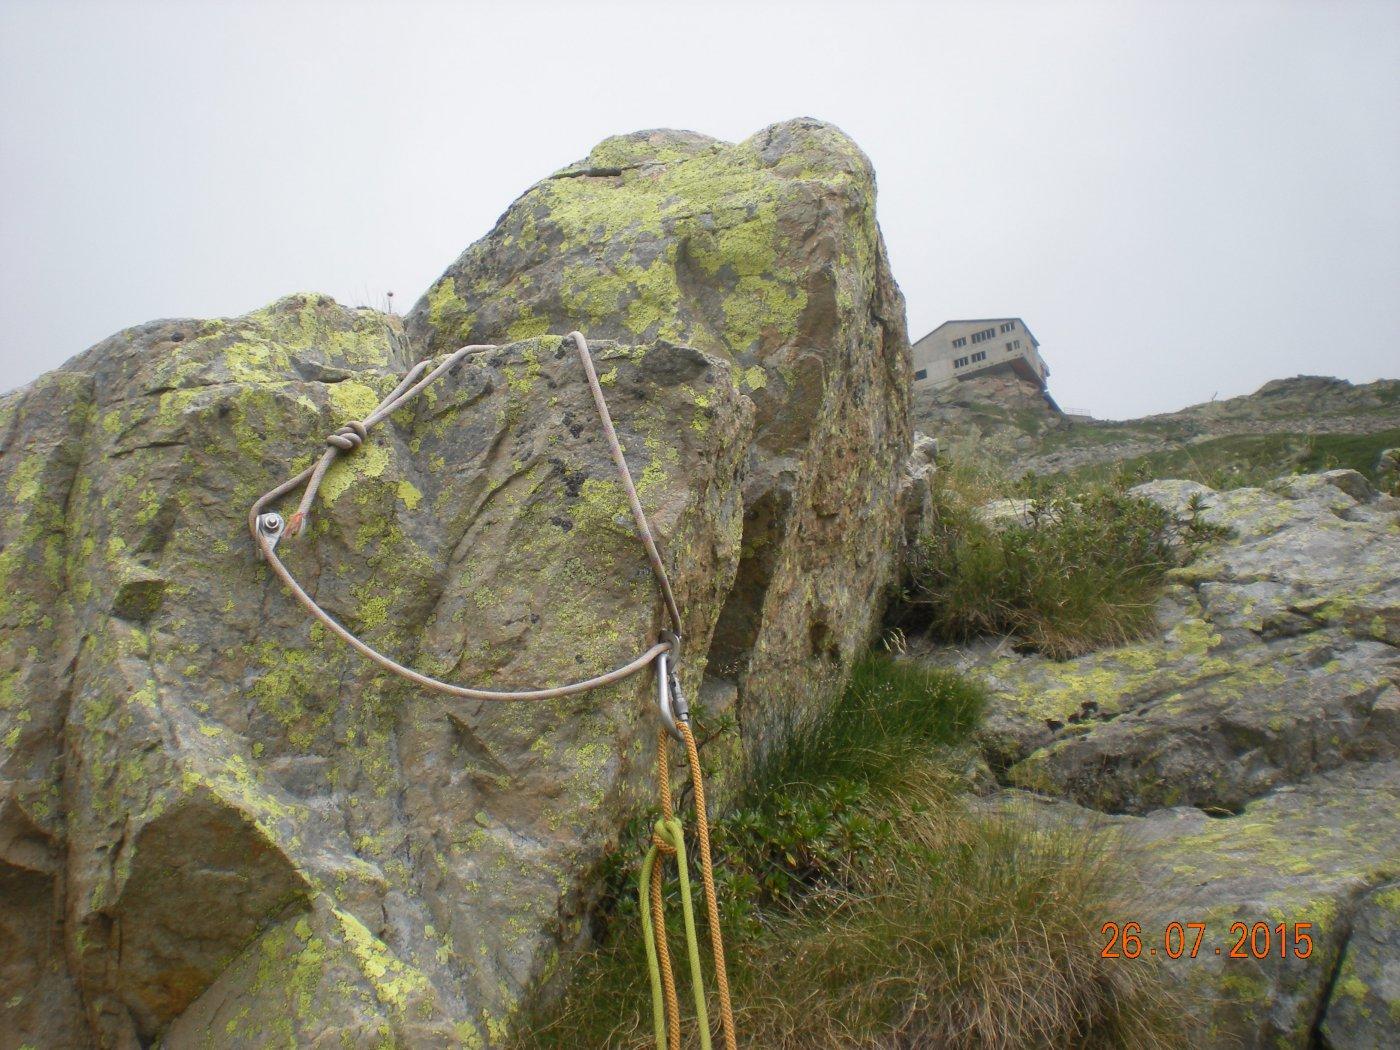 il moschettone di calata sul percorso di avvicinamento, dietro si intravede l'anticima